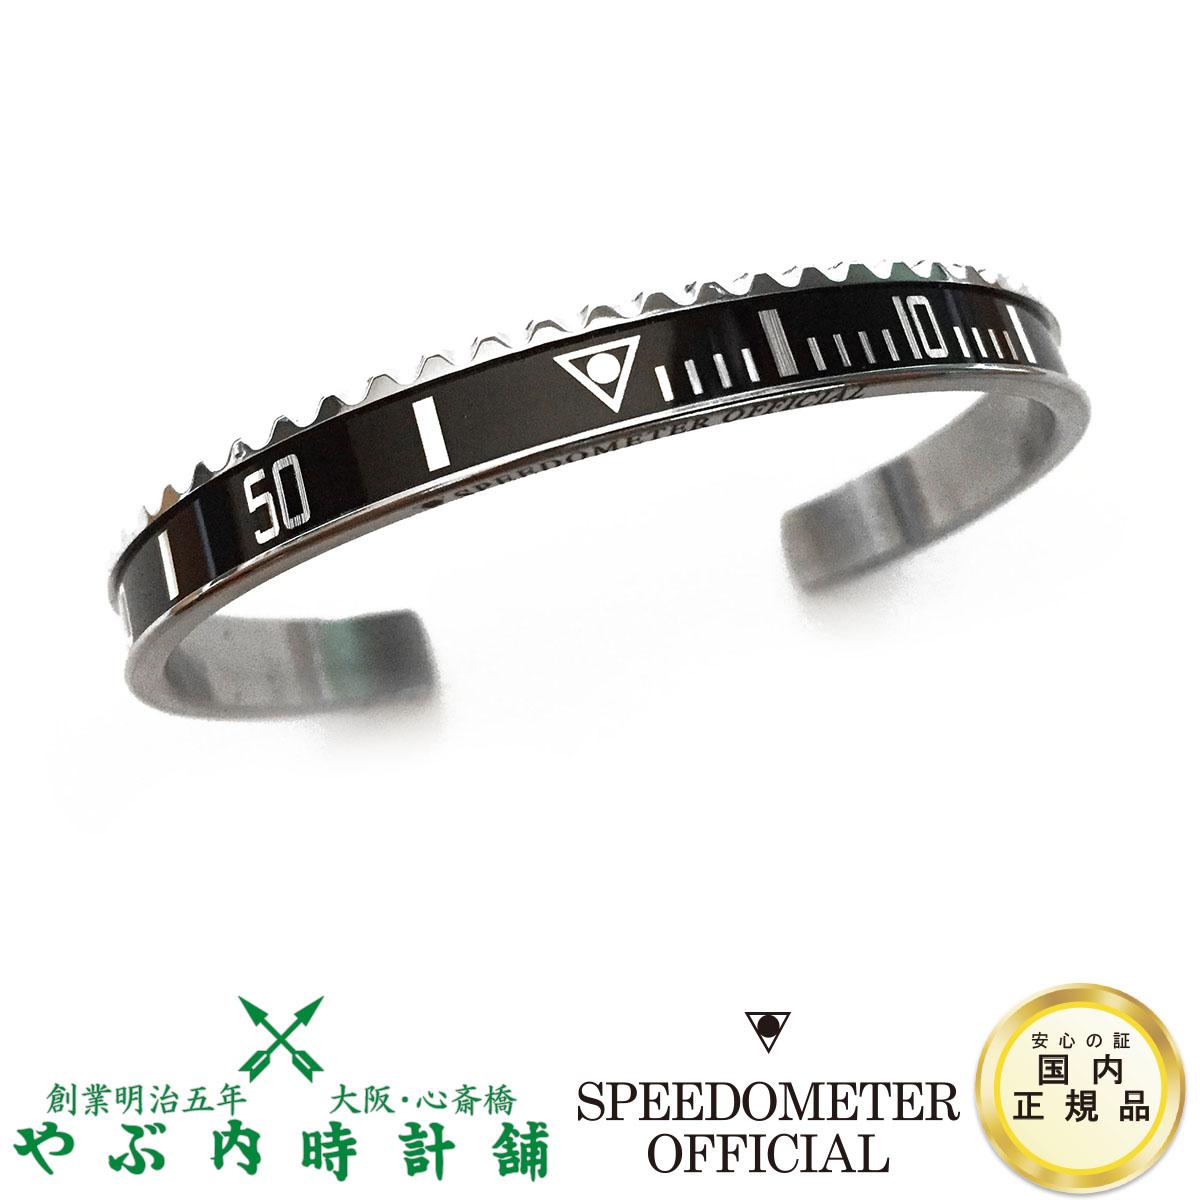 スピードメーターオフィシャル 【正規輸入品】 Speedometer Official ダイバー ブラック SS SBR1262 ベゼル バングル ブレスレット